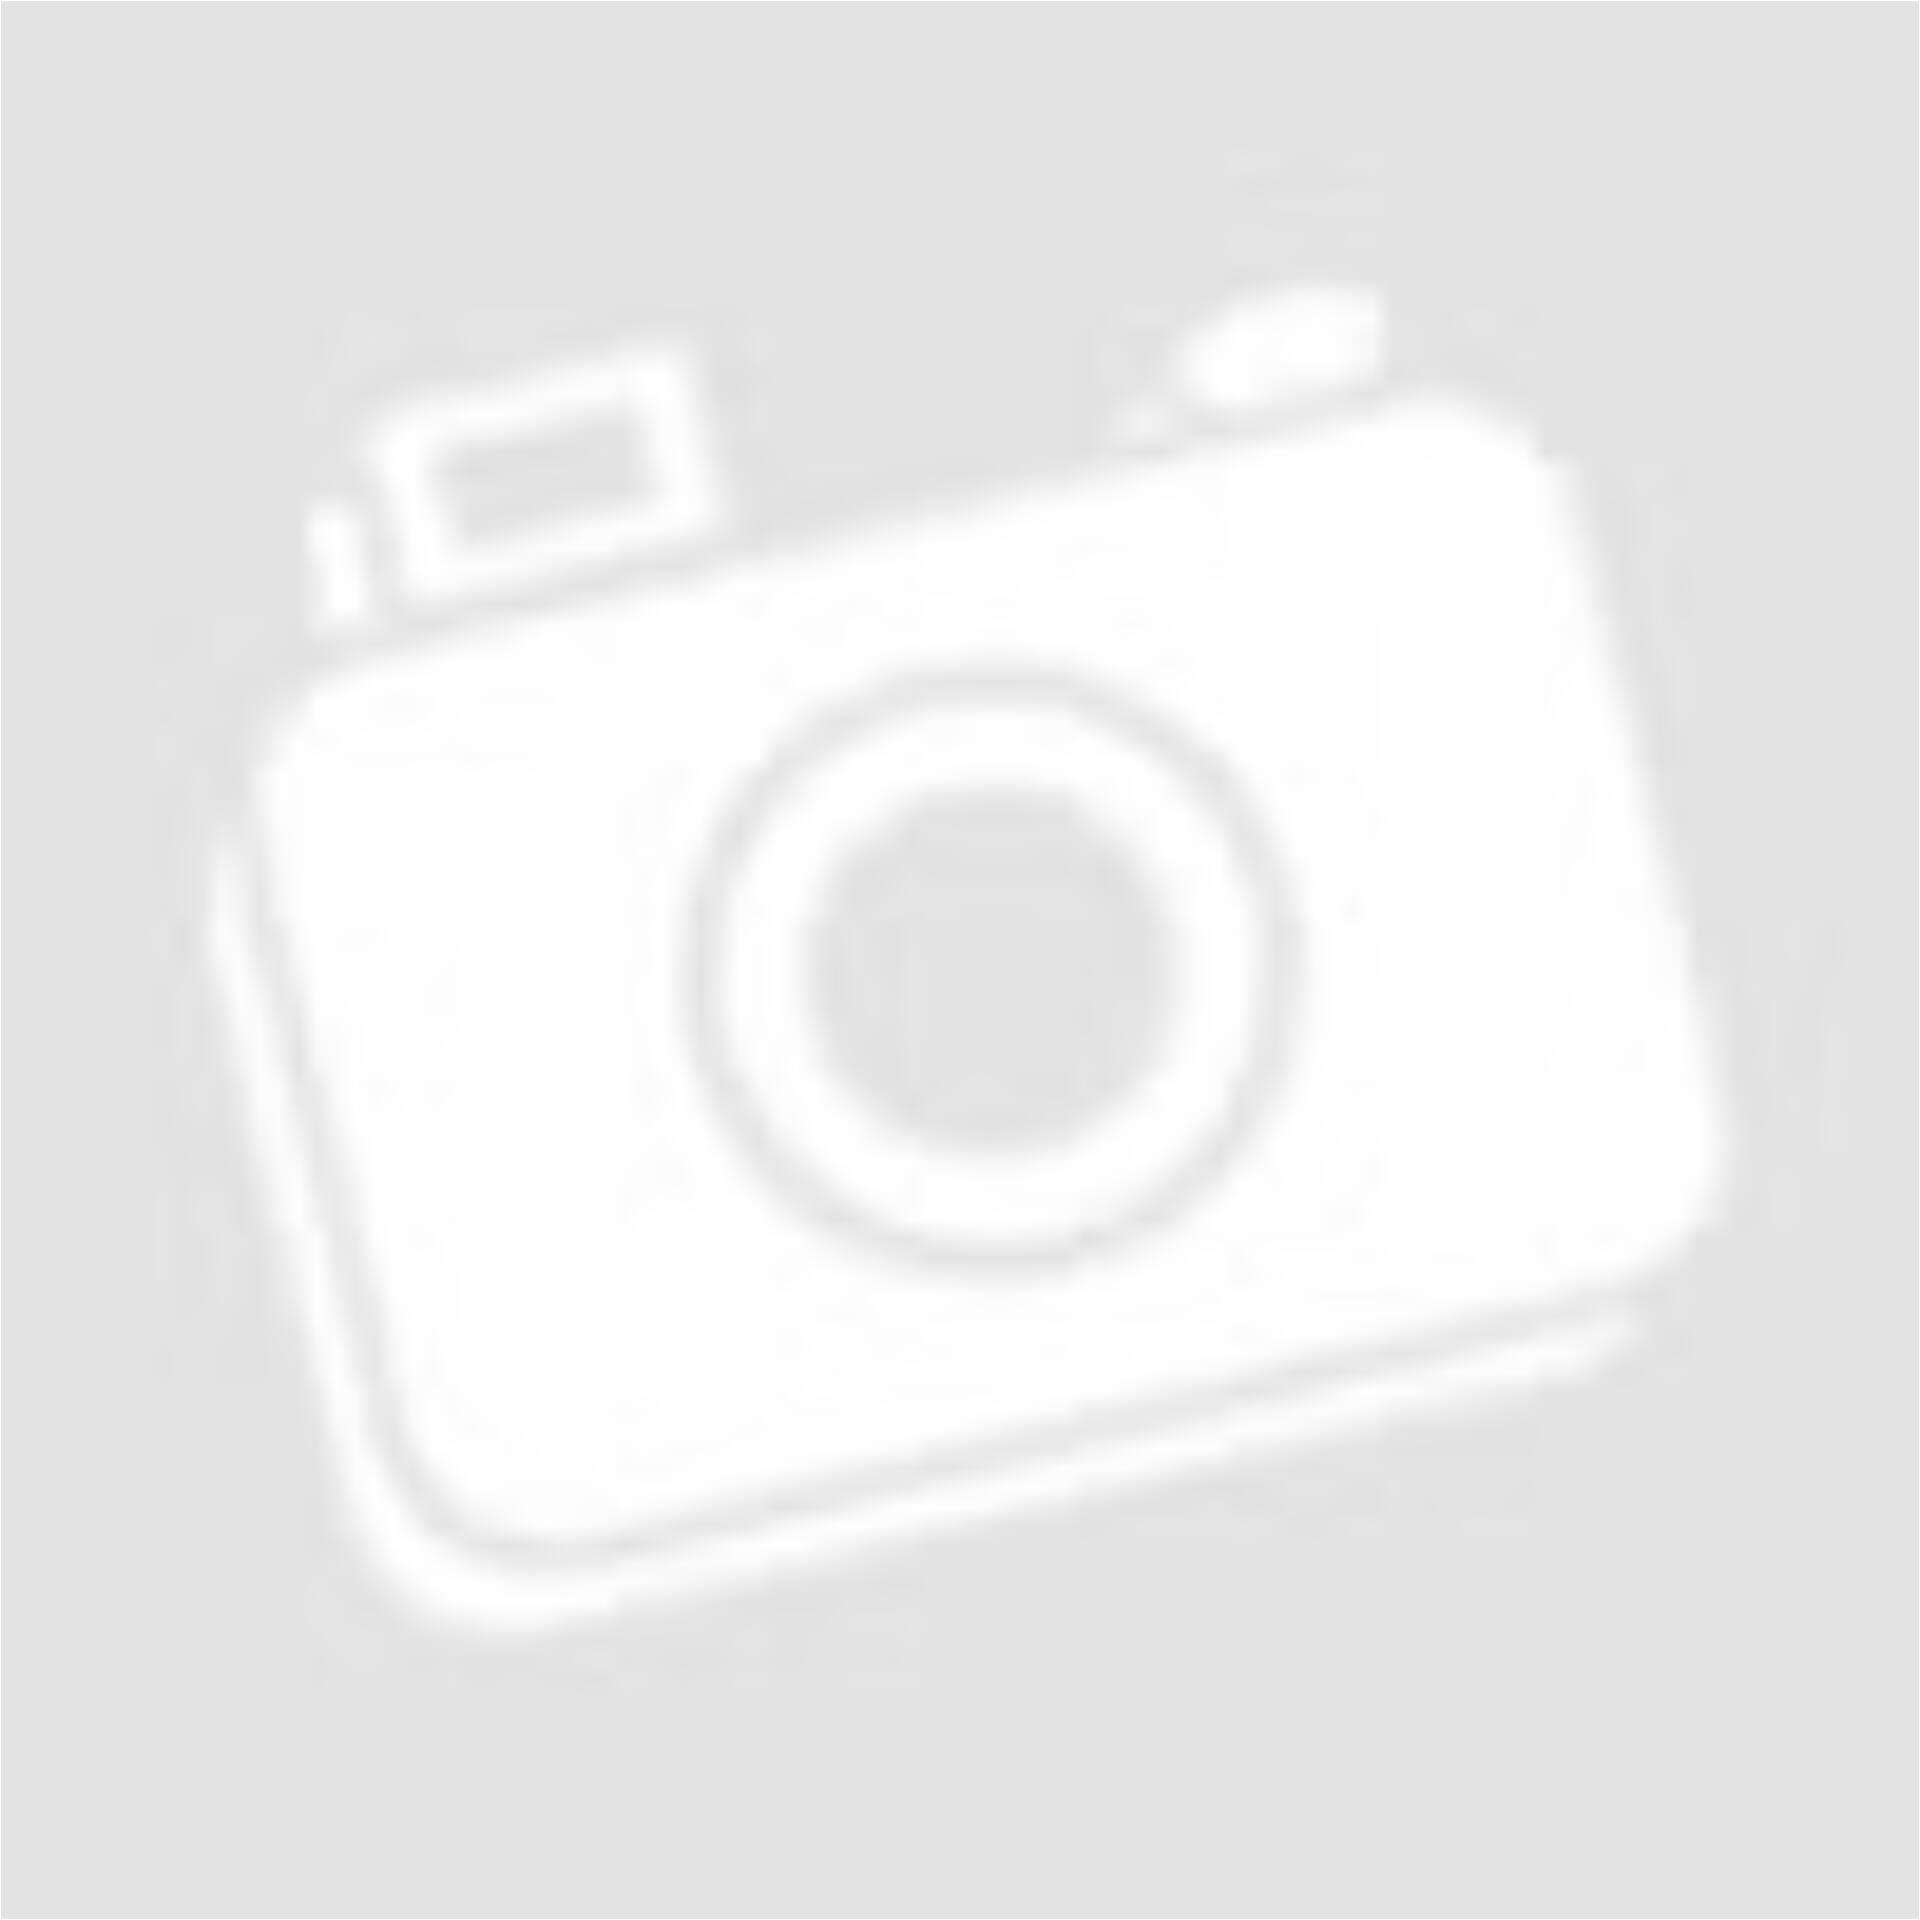 Kép 1 3 - HEMA fekete virágmintás női nadrág (Méret  S) b3417e68d1